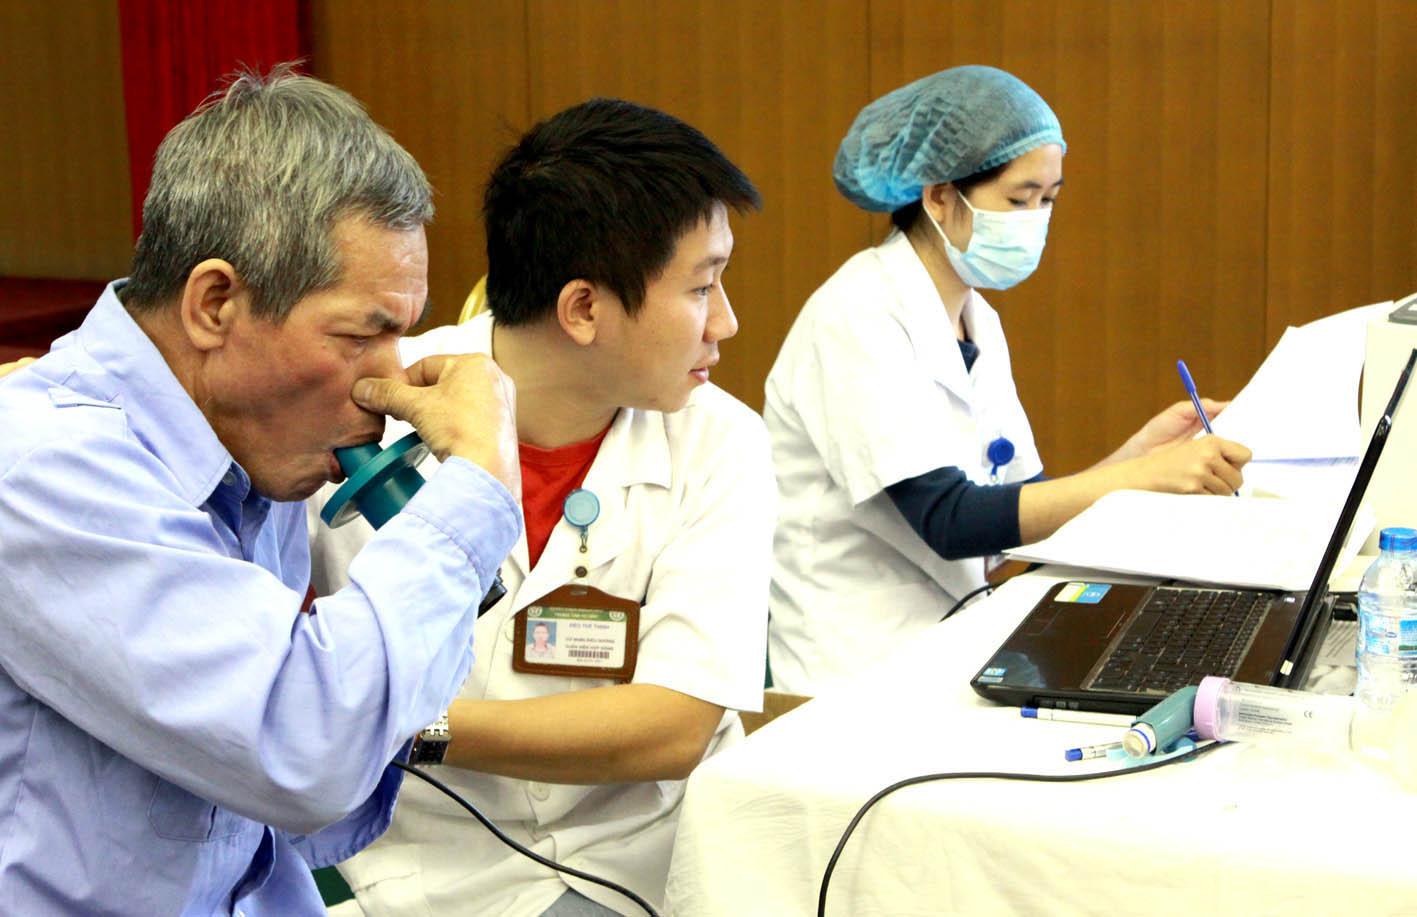 Ngày 14/9, Bệnh viện Bạch Mai khám, tư vấn miễn phí bệnh phổi tắc nghẽn mạn tính